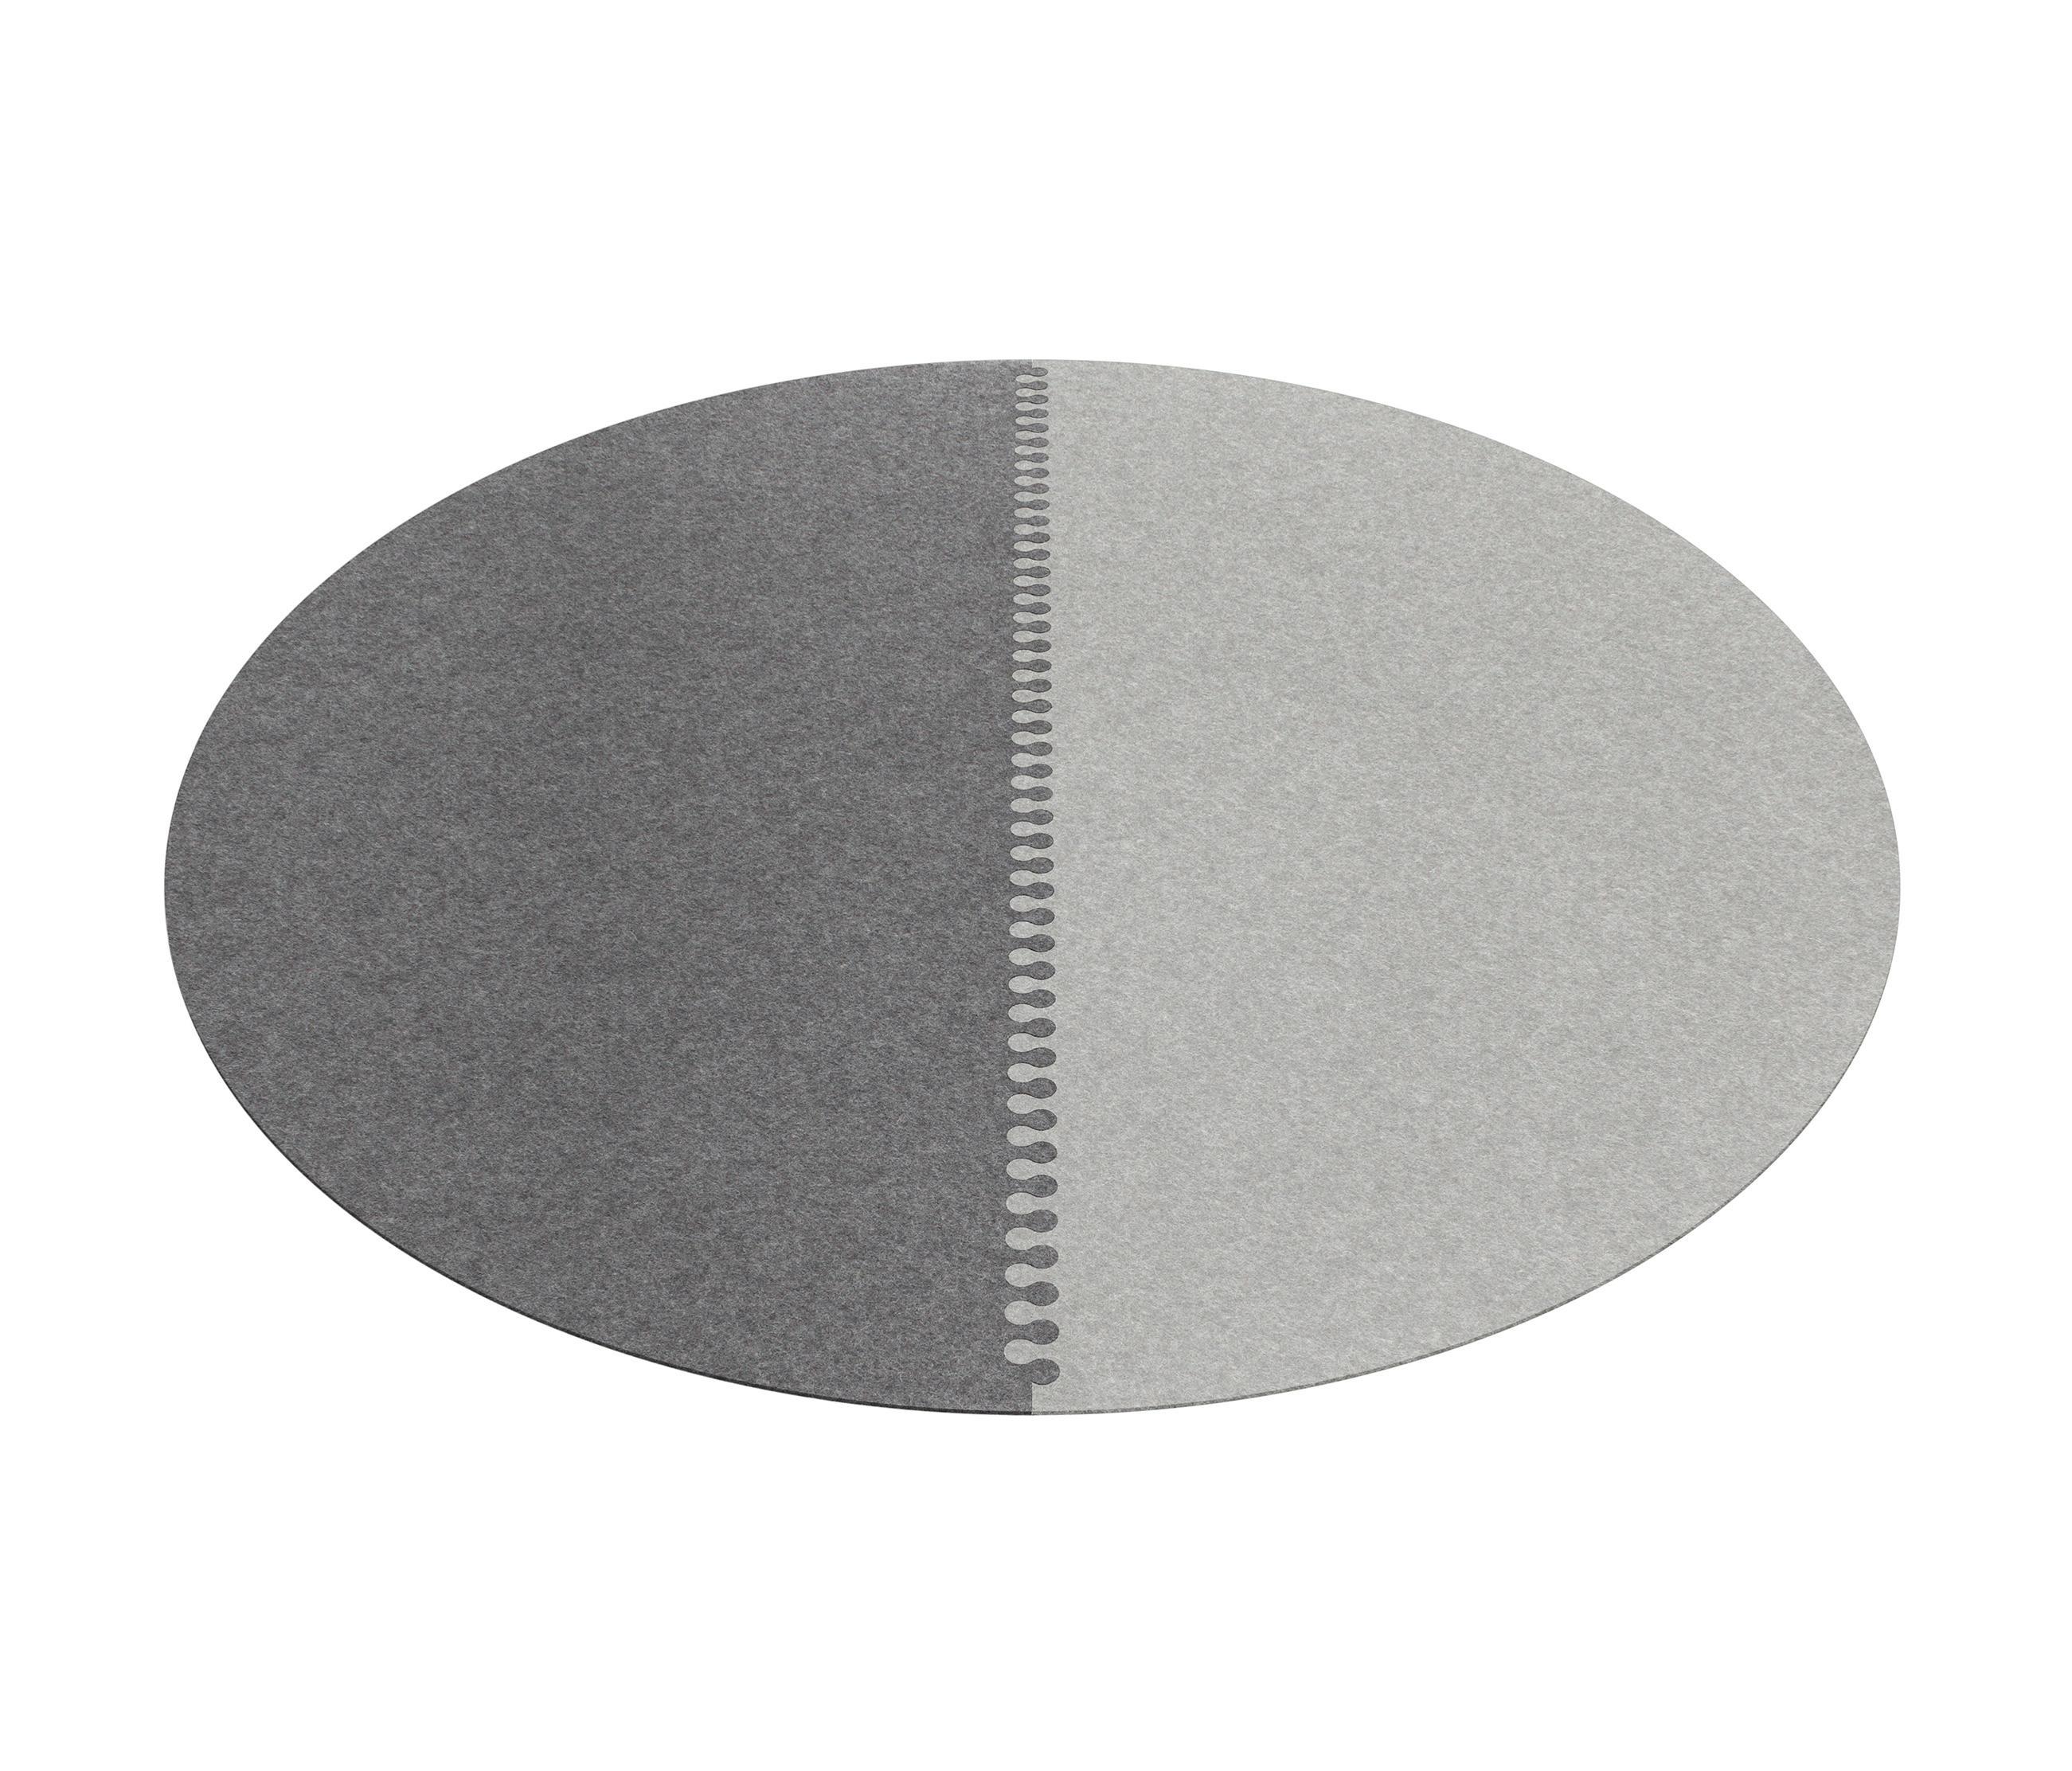 teppich zipp rund formatteppiche designerteppiche von hey sign architonic. Black Bedroom Furniture Sets. Home Design Ideas